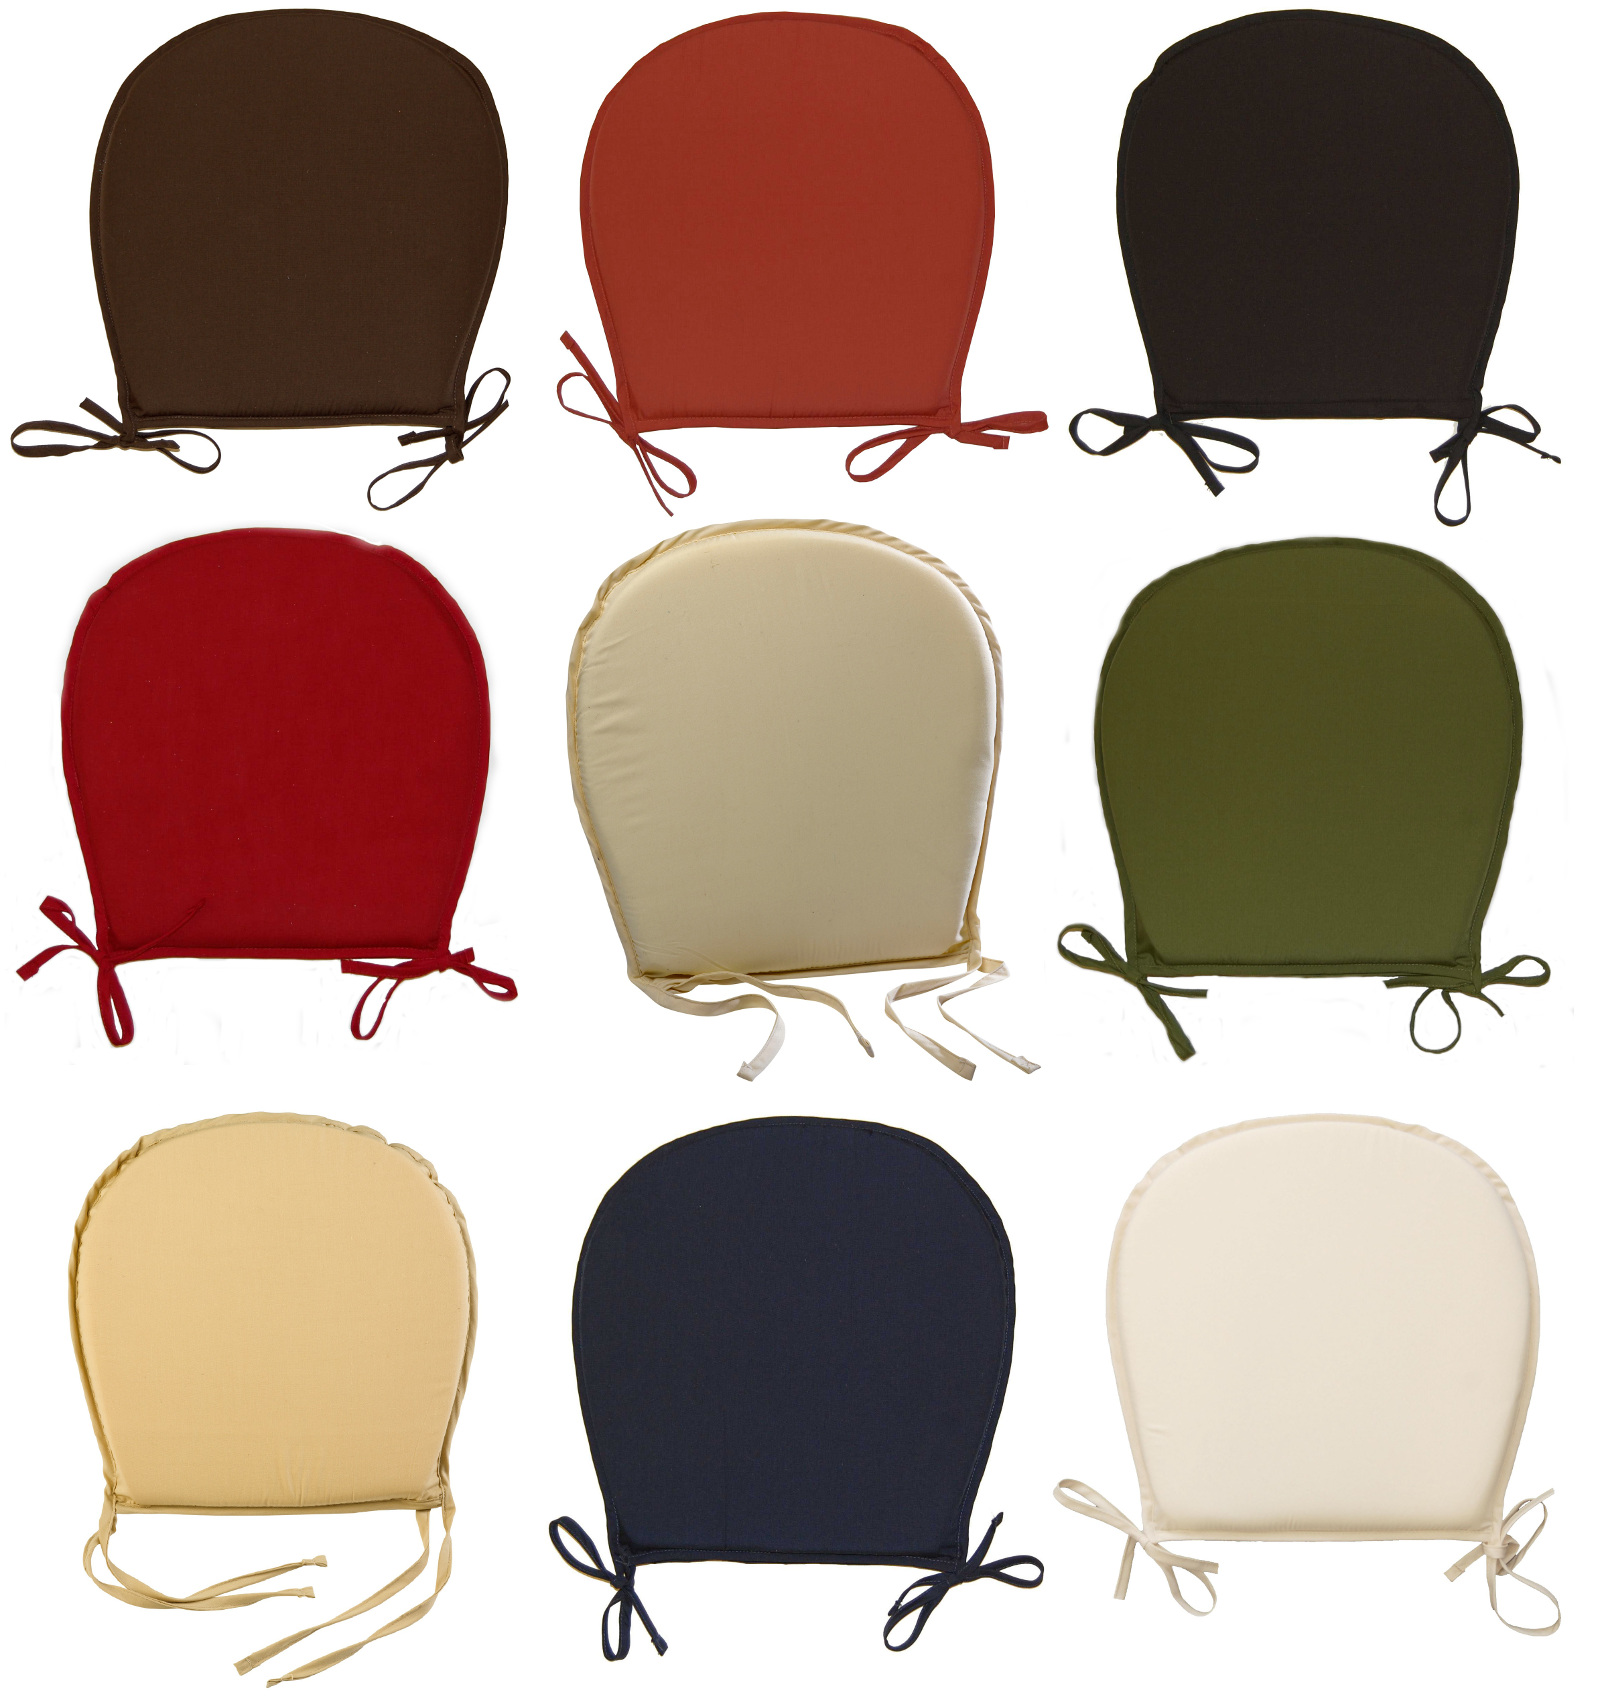 Round Kitchen Seat Pad Garden Furniture Dining Room Chair